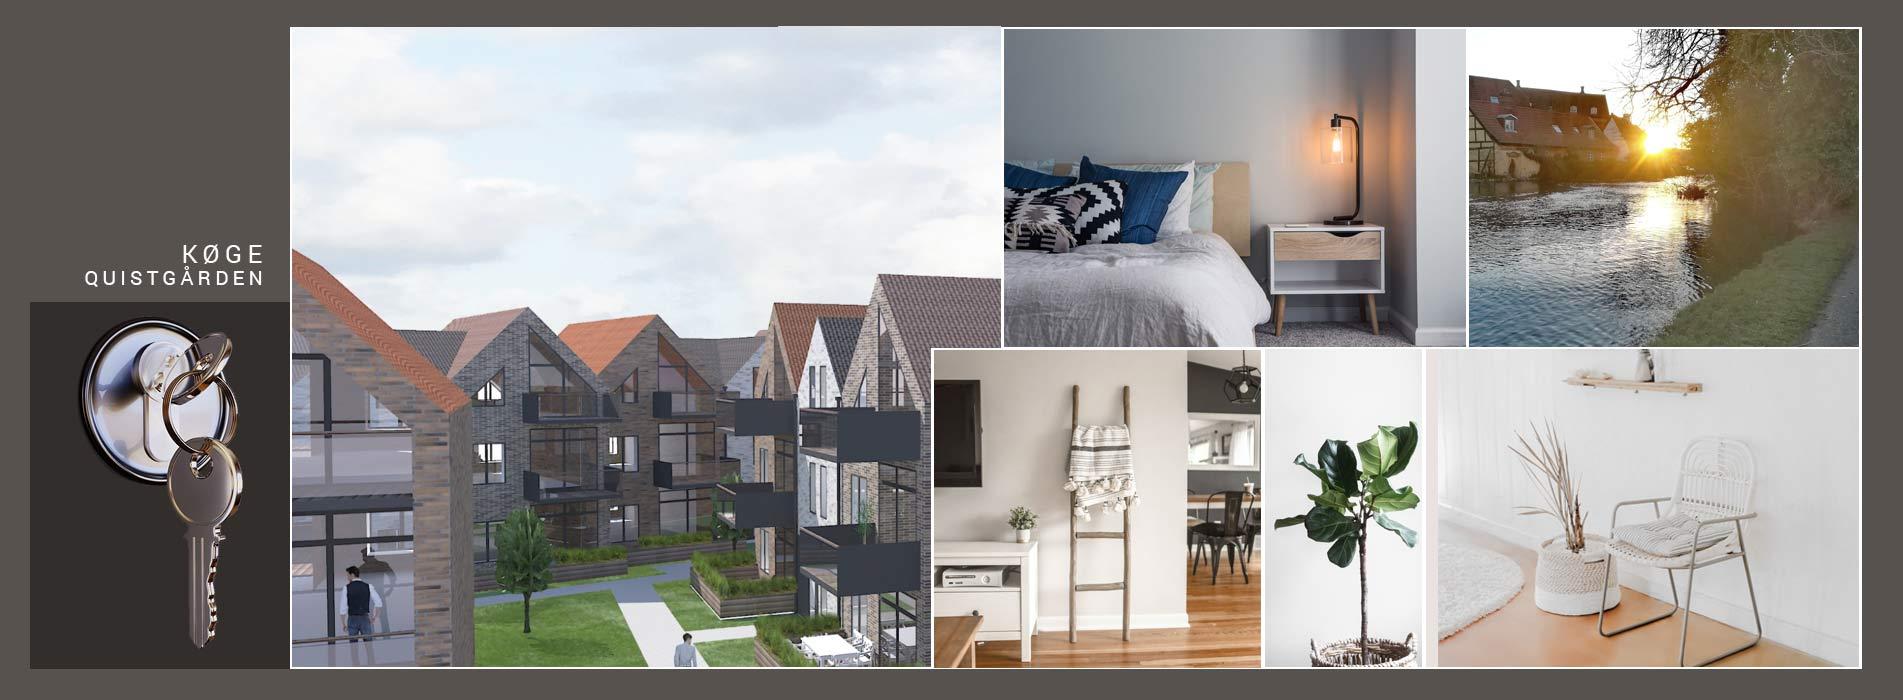 KissRealEstate slider til ejendomme i Køge